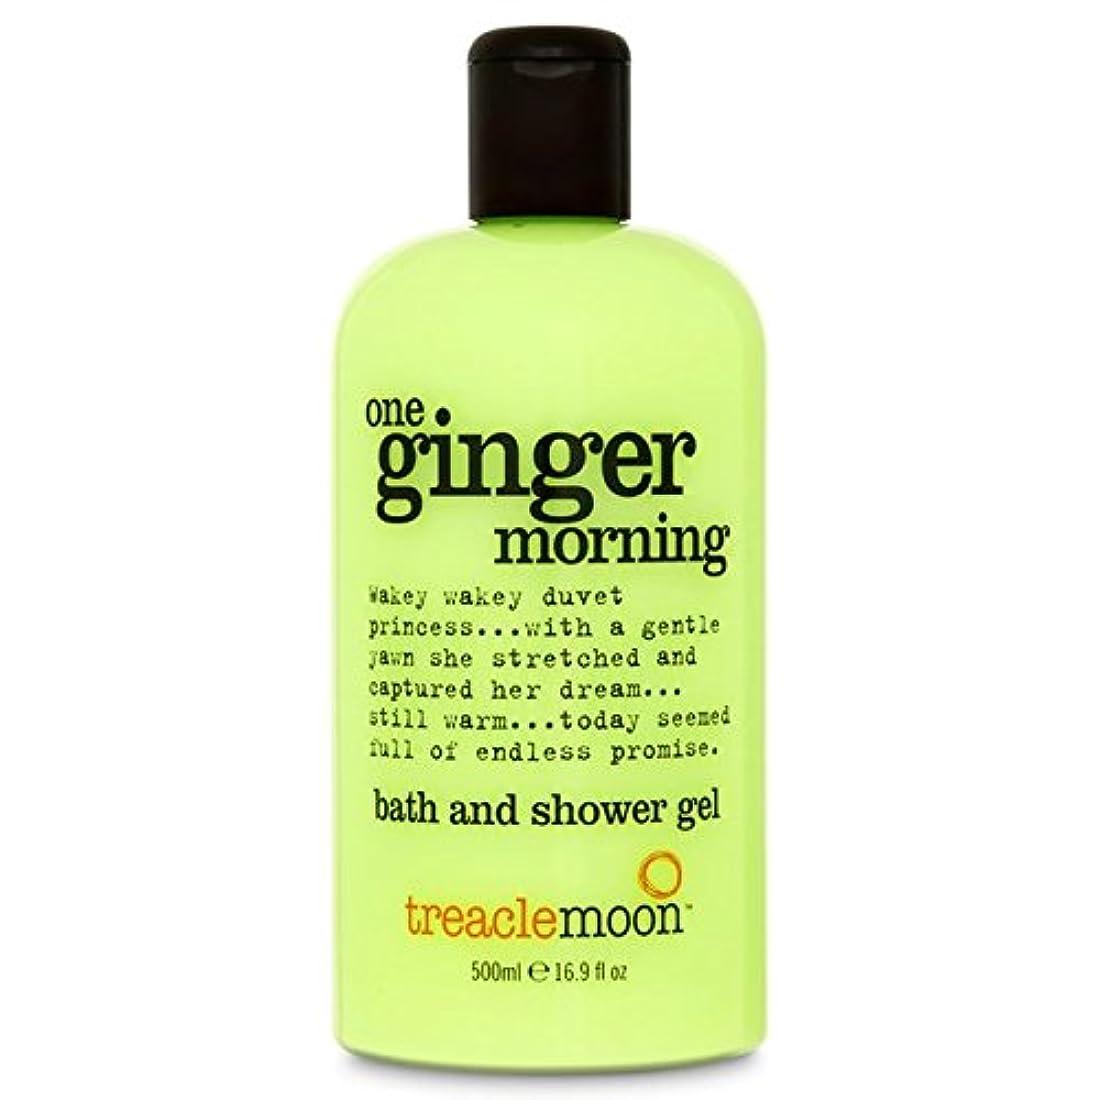 領事館ベッド訴えるTreacle Moon Ginger Bath & Shower Gel 500ml (Pack of 6) - 糖蜜ムーンジンジャーバス&シャワージェル500ミリリットル x6 [並行輸入品]